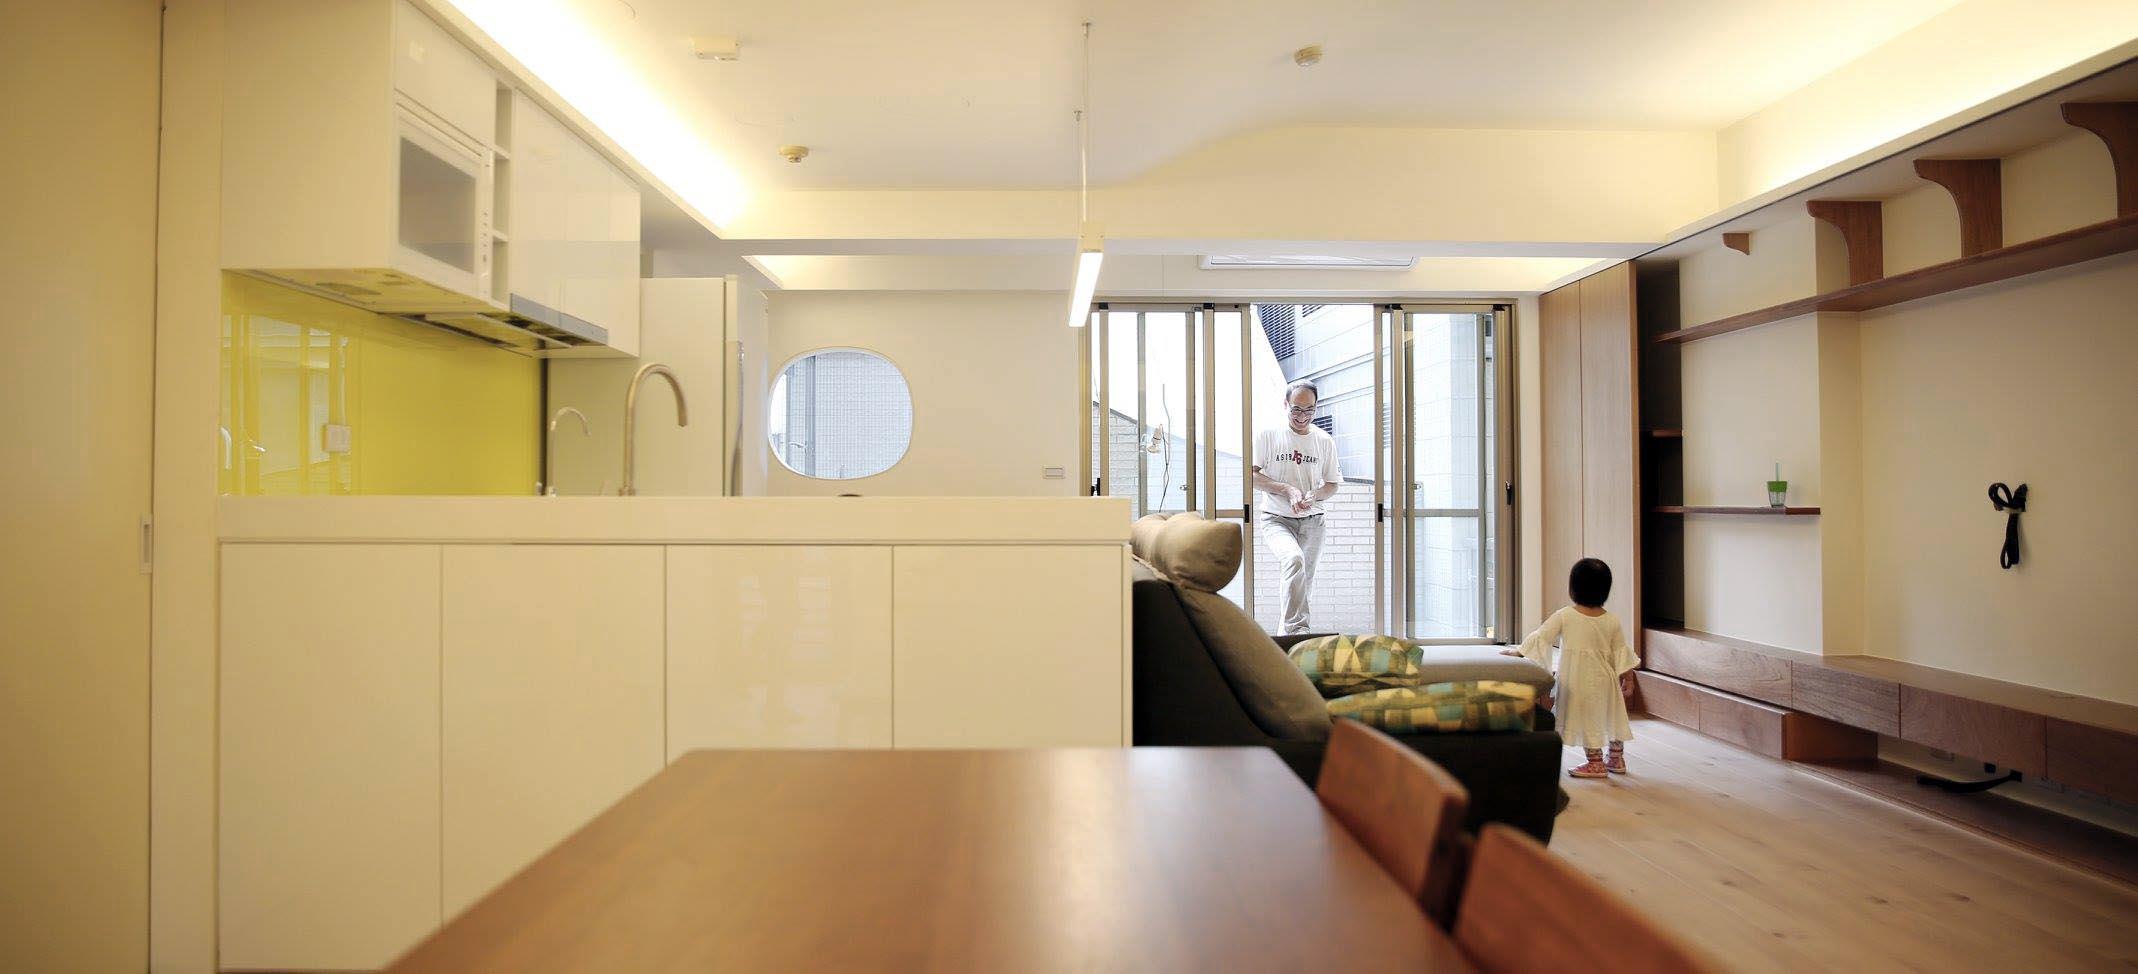 從玄關看客廳與廚房